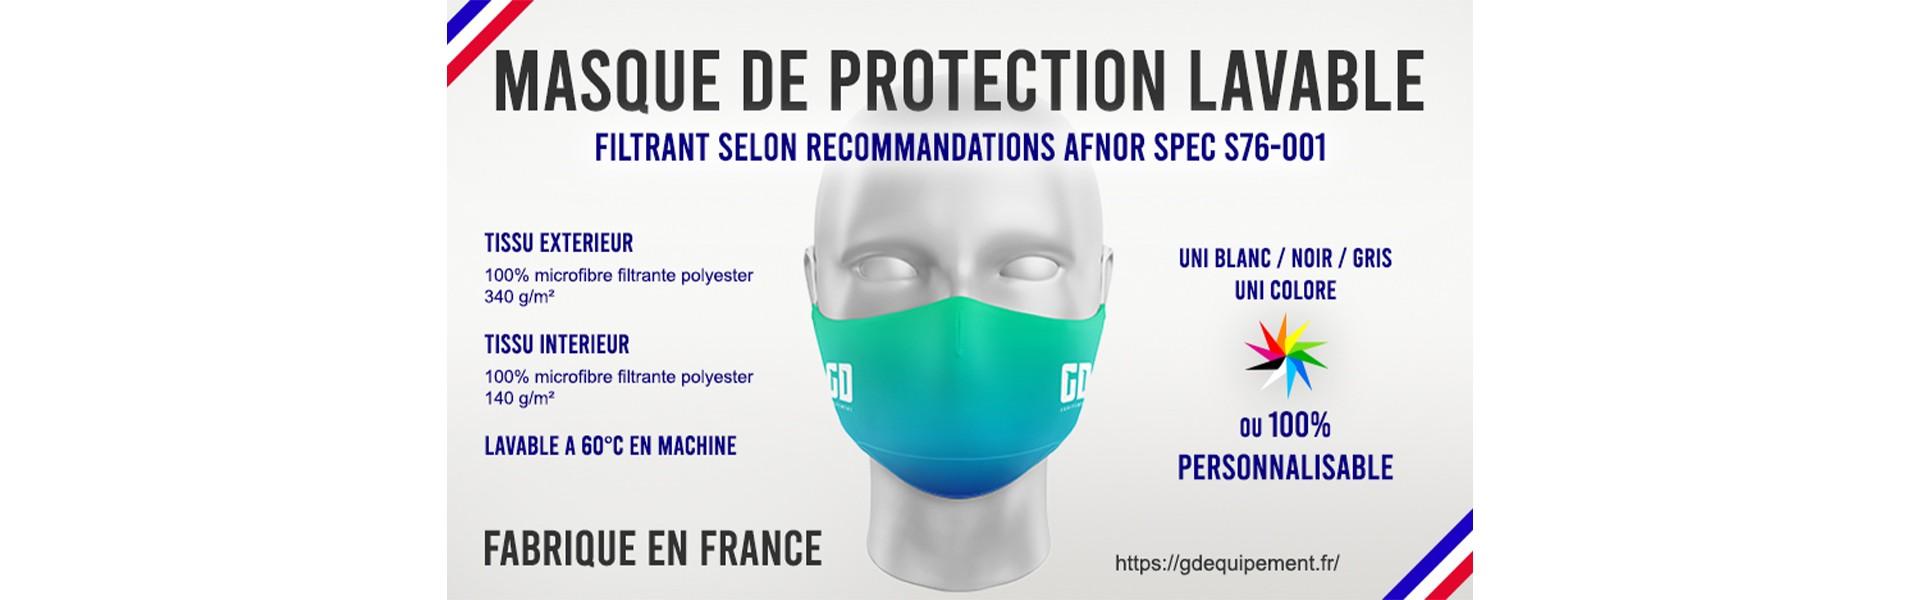 Masque de protection lavable machine